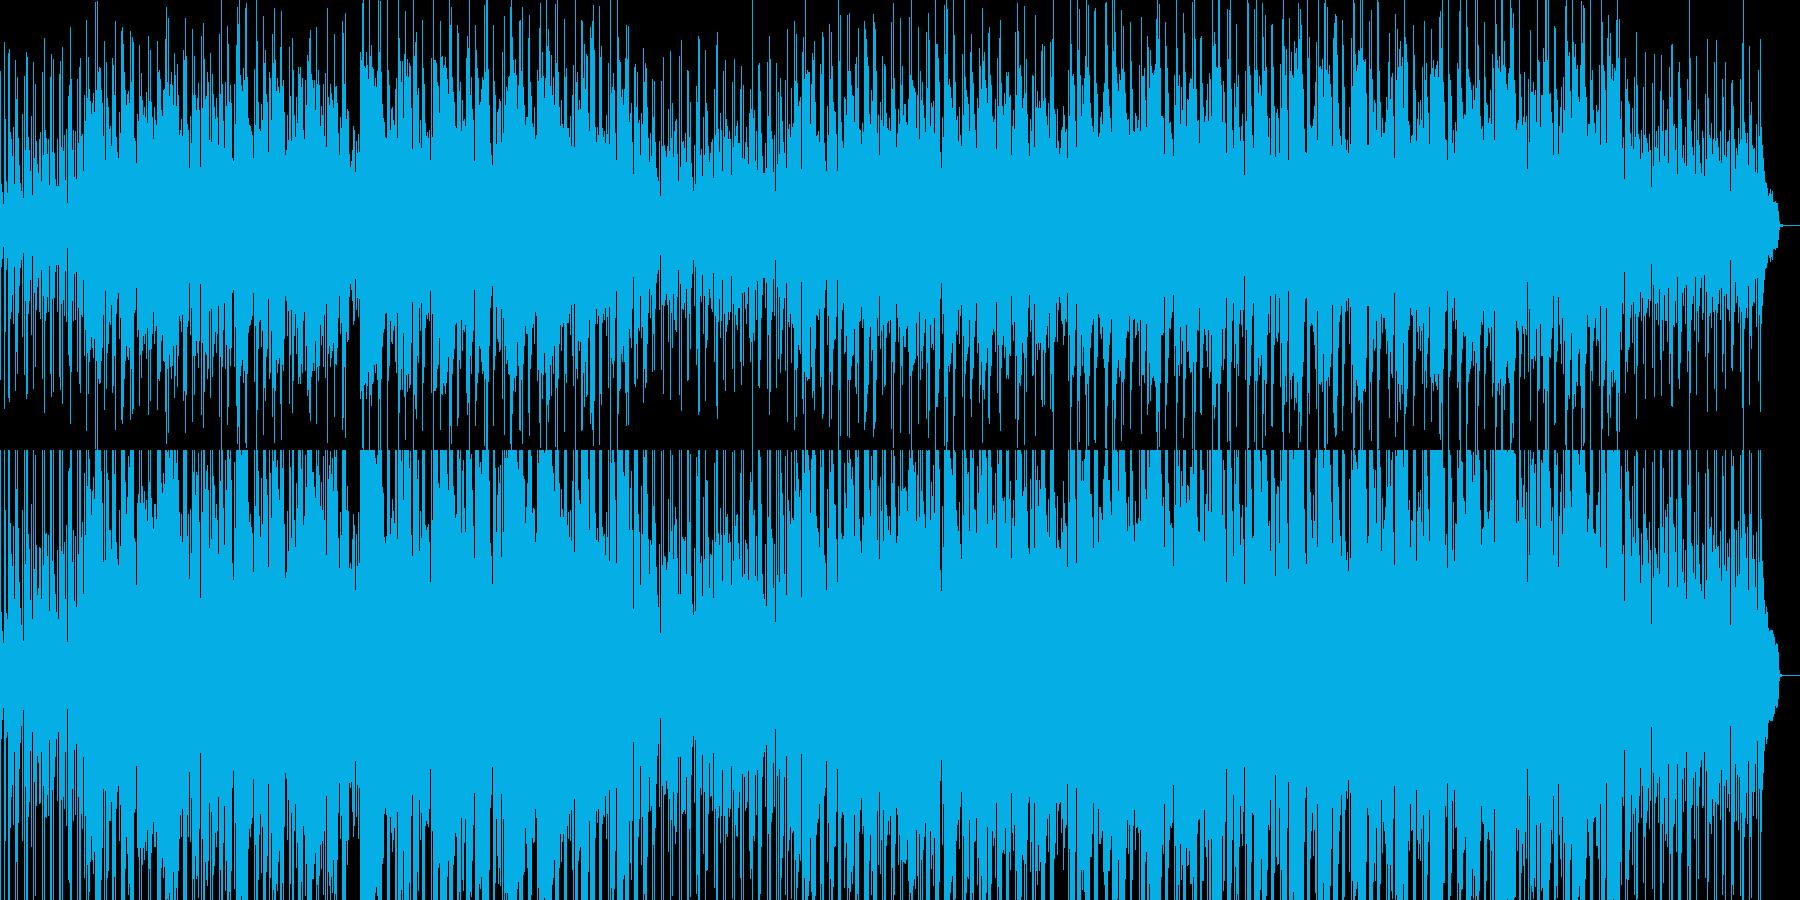 貴族の館をイメージしたBGMの再生済みの波形